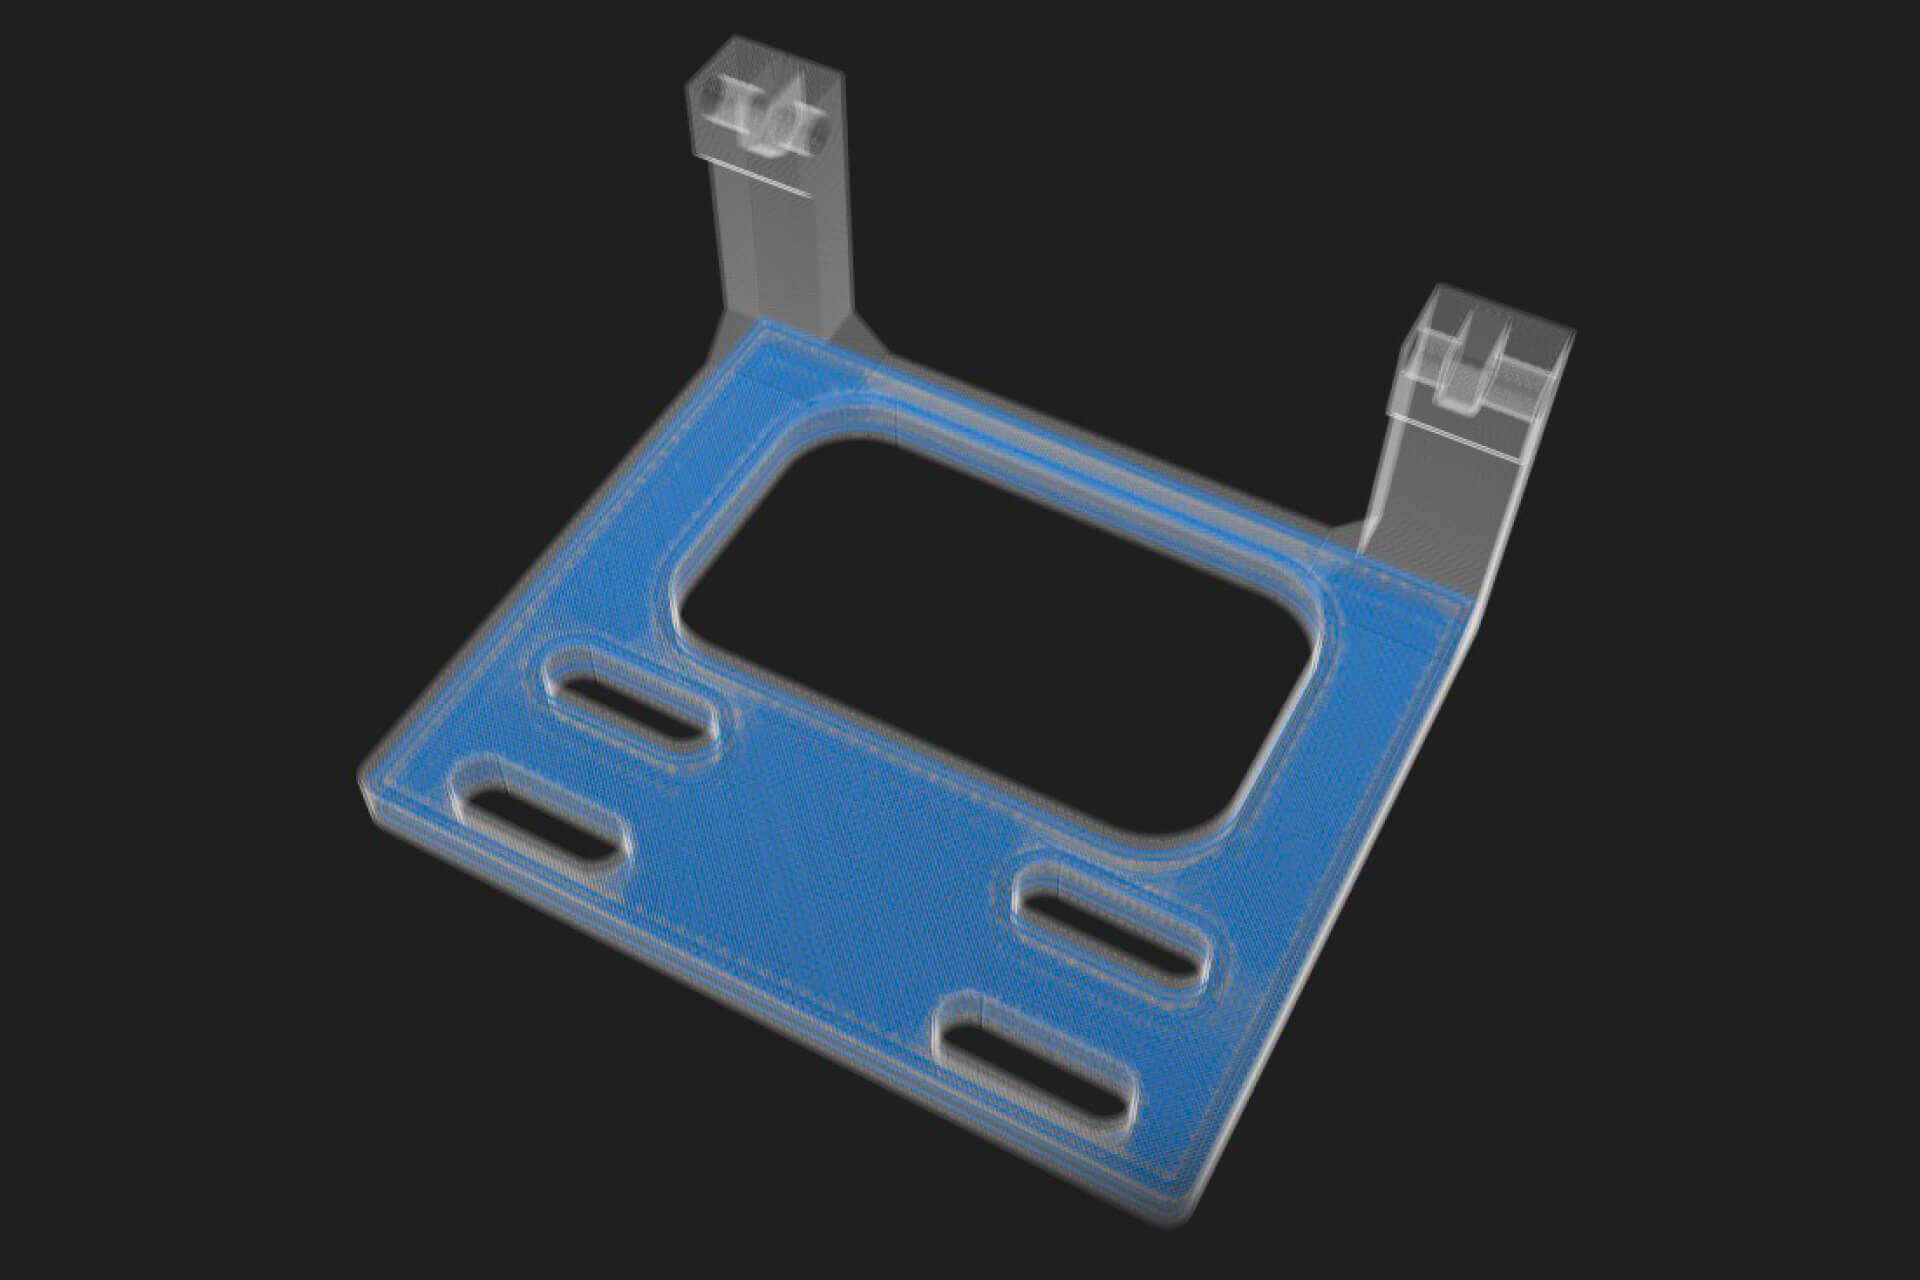 Die Vorlage für das Bauteil wird in einem CAD-Programm digital konstruiert und für die Herstellung im Drucker vorbereitet. Hier zum Beispiel mit ins Teil eingelegten Kohlefasern, blau markiert.